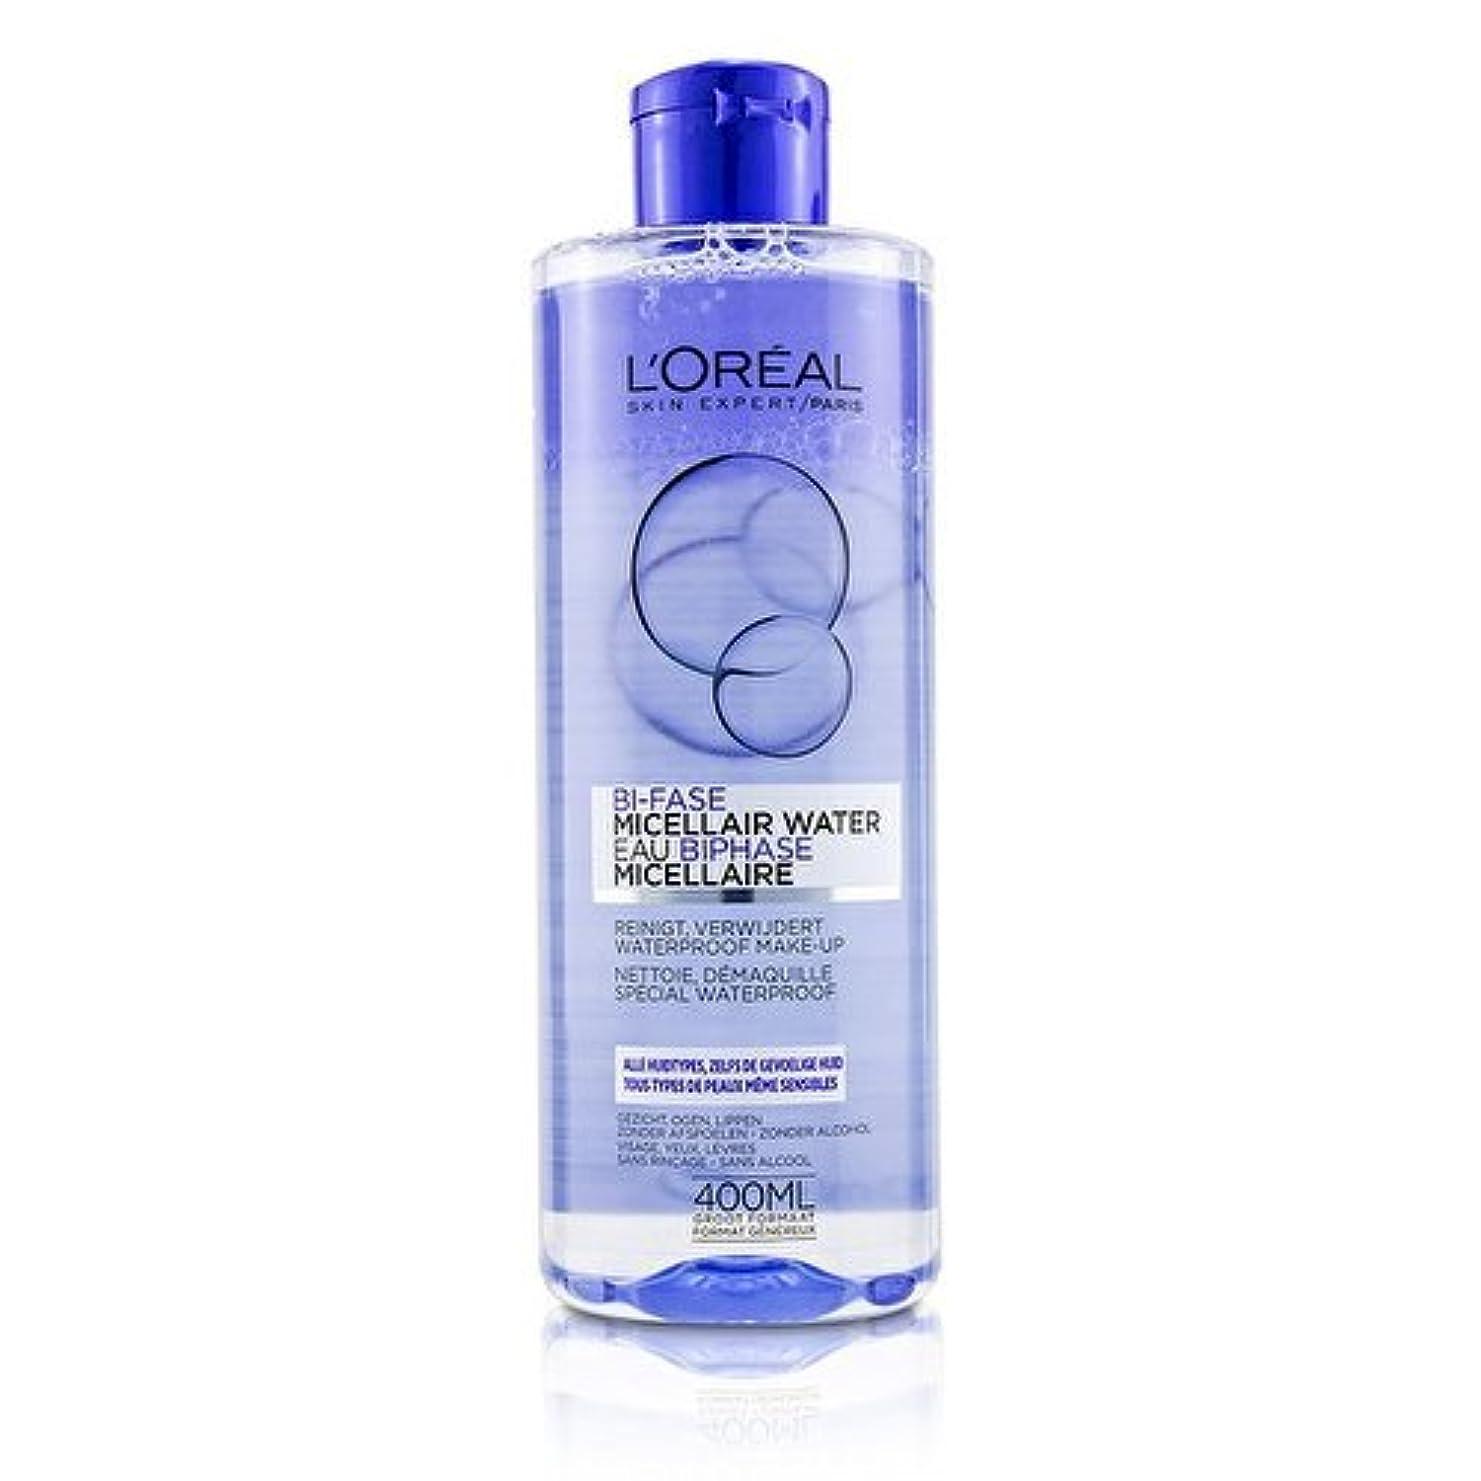 政治家頭蓋骨丁寧ロレアル Bi-Phase Micellar Water (Bi-Fase Micellair Water) - For All Skin Types, even Sensitive Skin 400ml/13.3oz並行輸入品